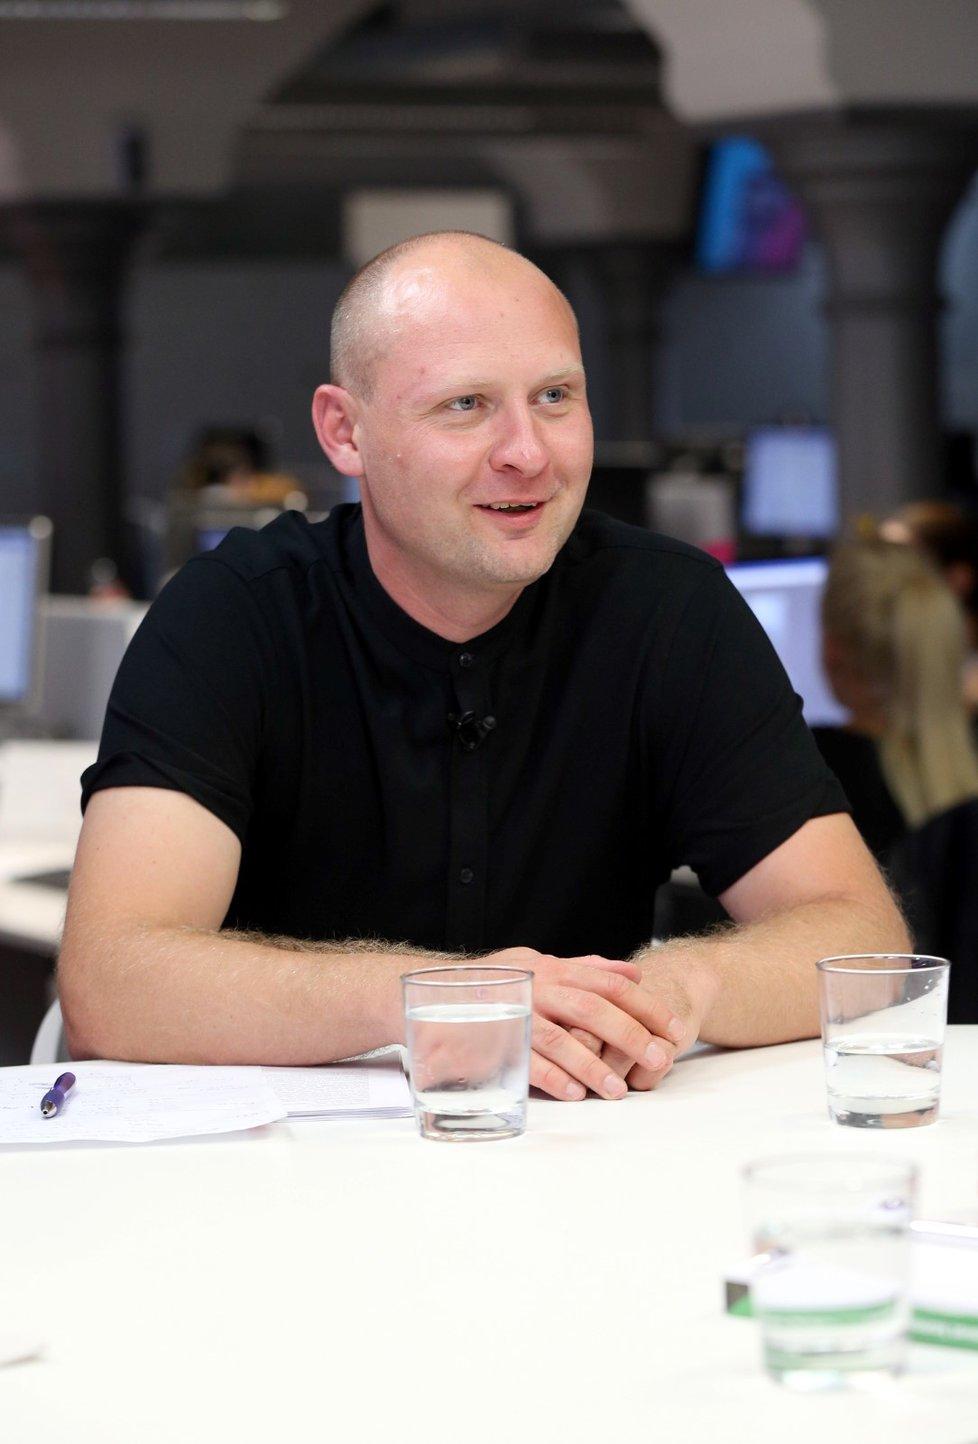 První kolo na Praze 8 ovládl Lukáš Wagentnecht (Piráti) se ziskem 18,15 procenta hlasů.